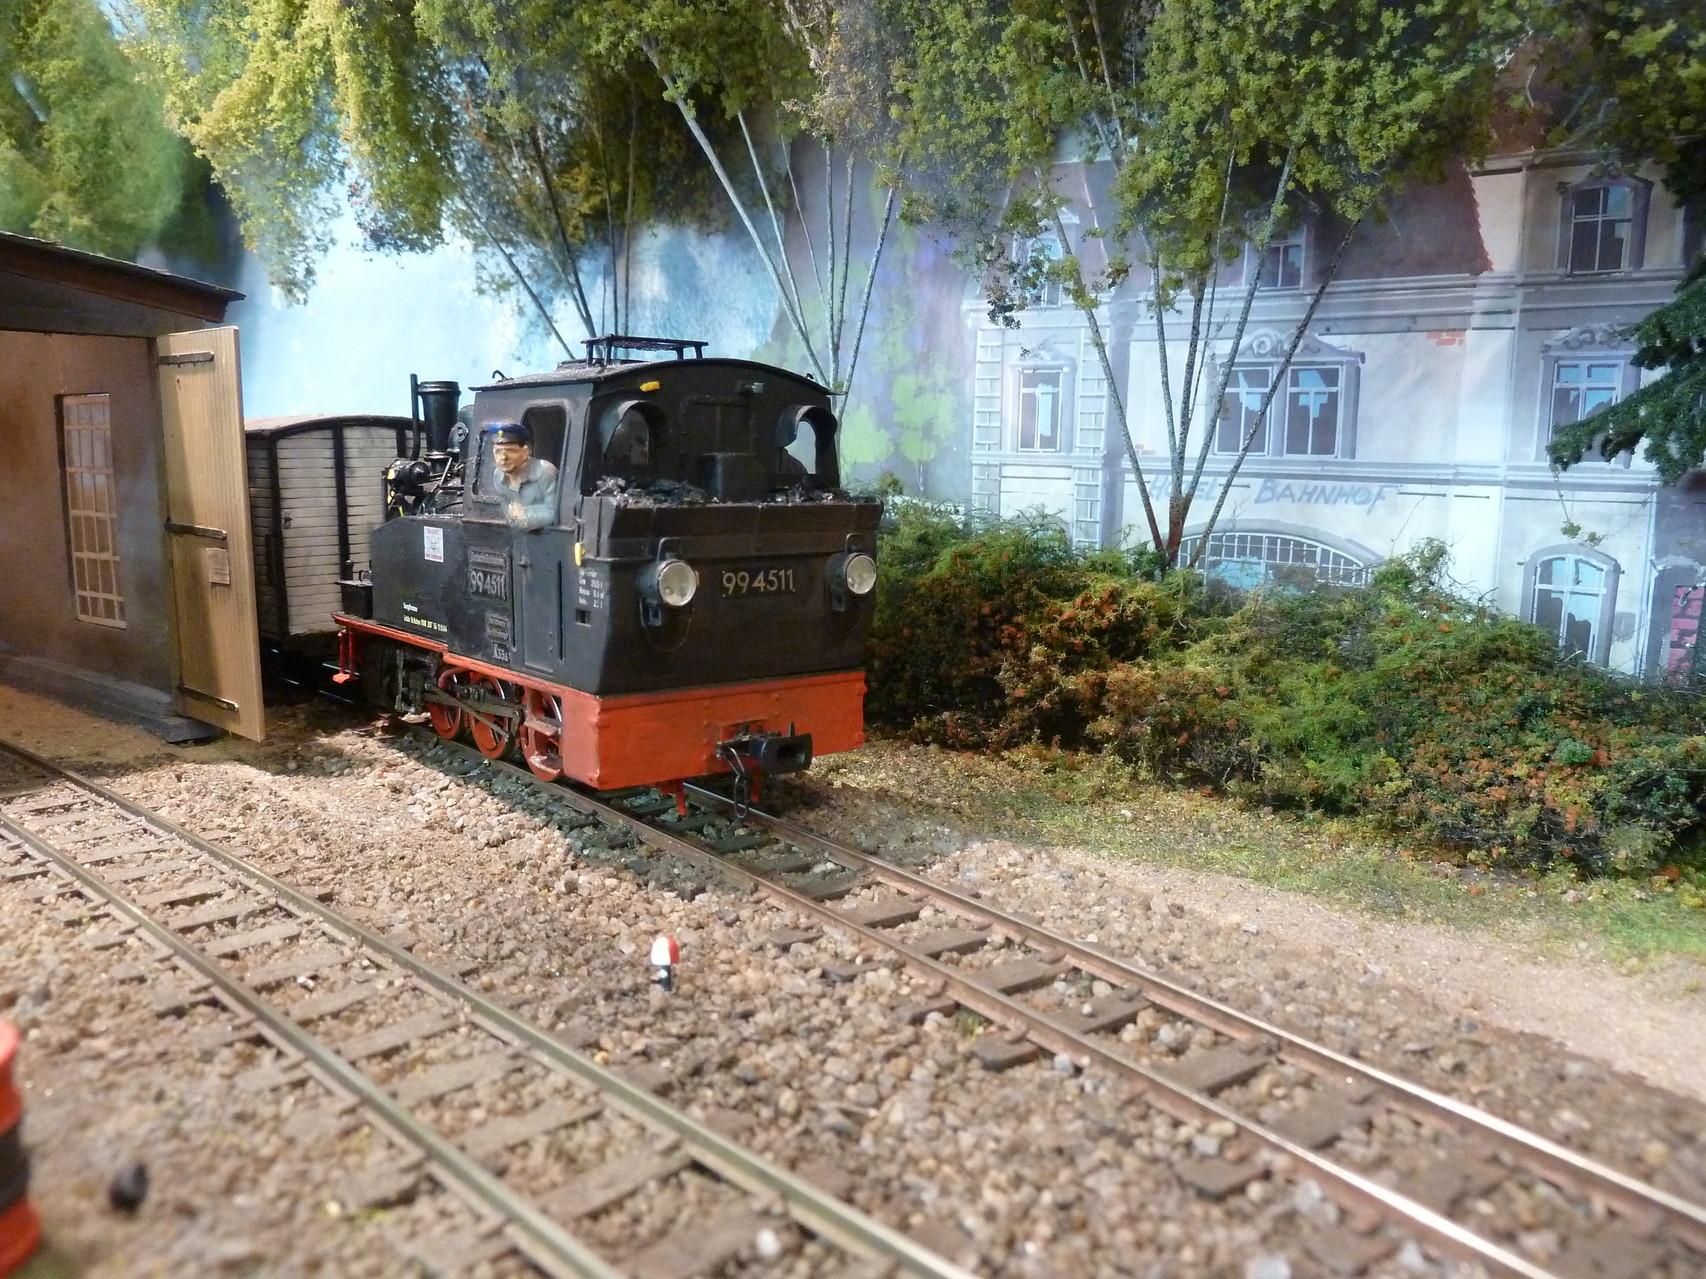 994511 zieht einen Zug von der Fähre